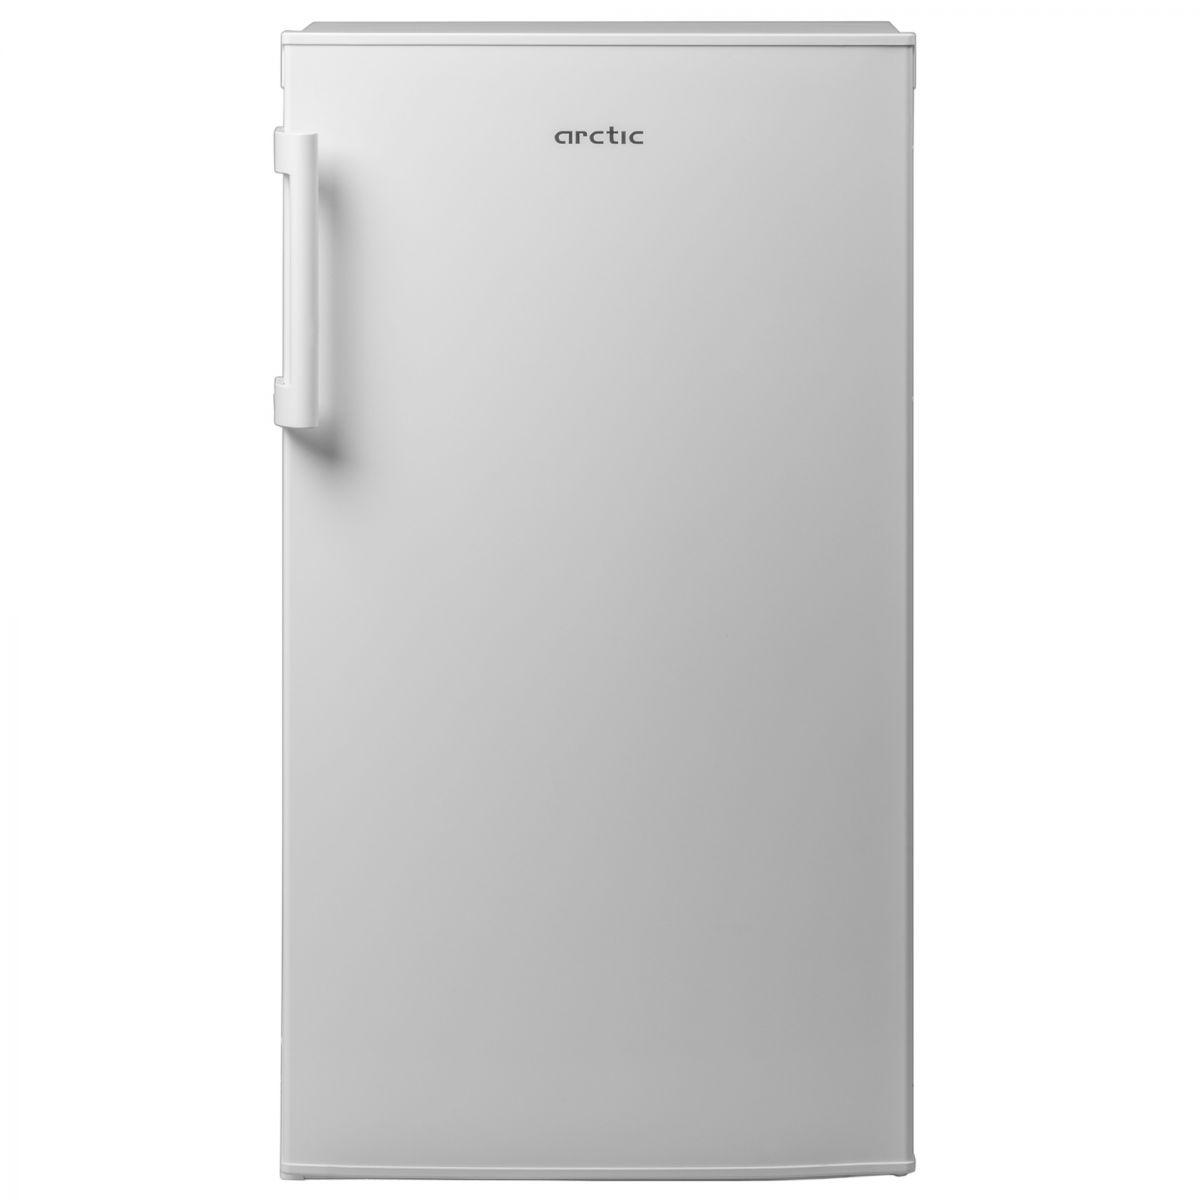 Хладилник Arctic ANFB155+, 138 л, Клас A+, H 101.7 см, Бял